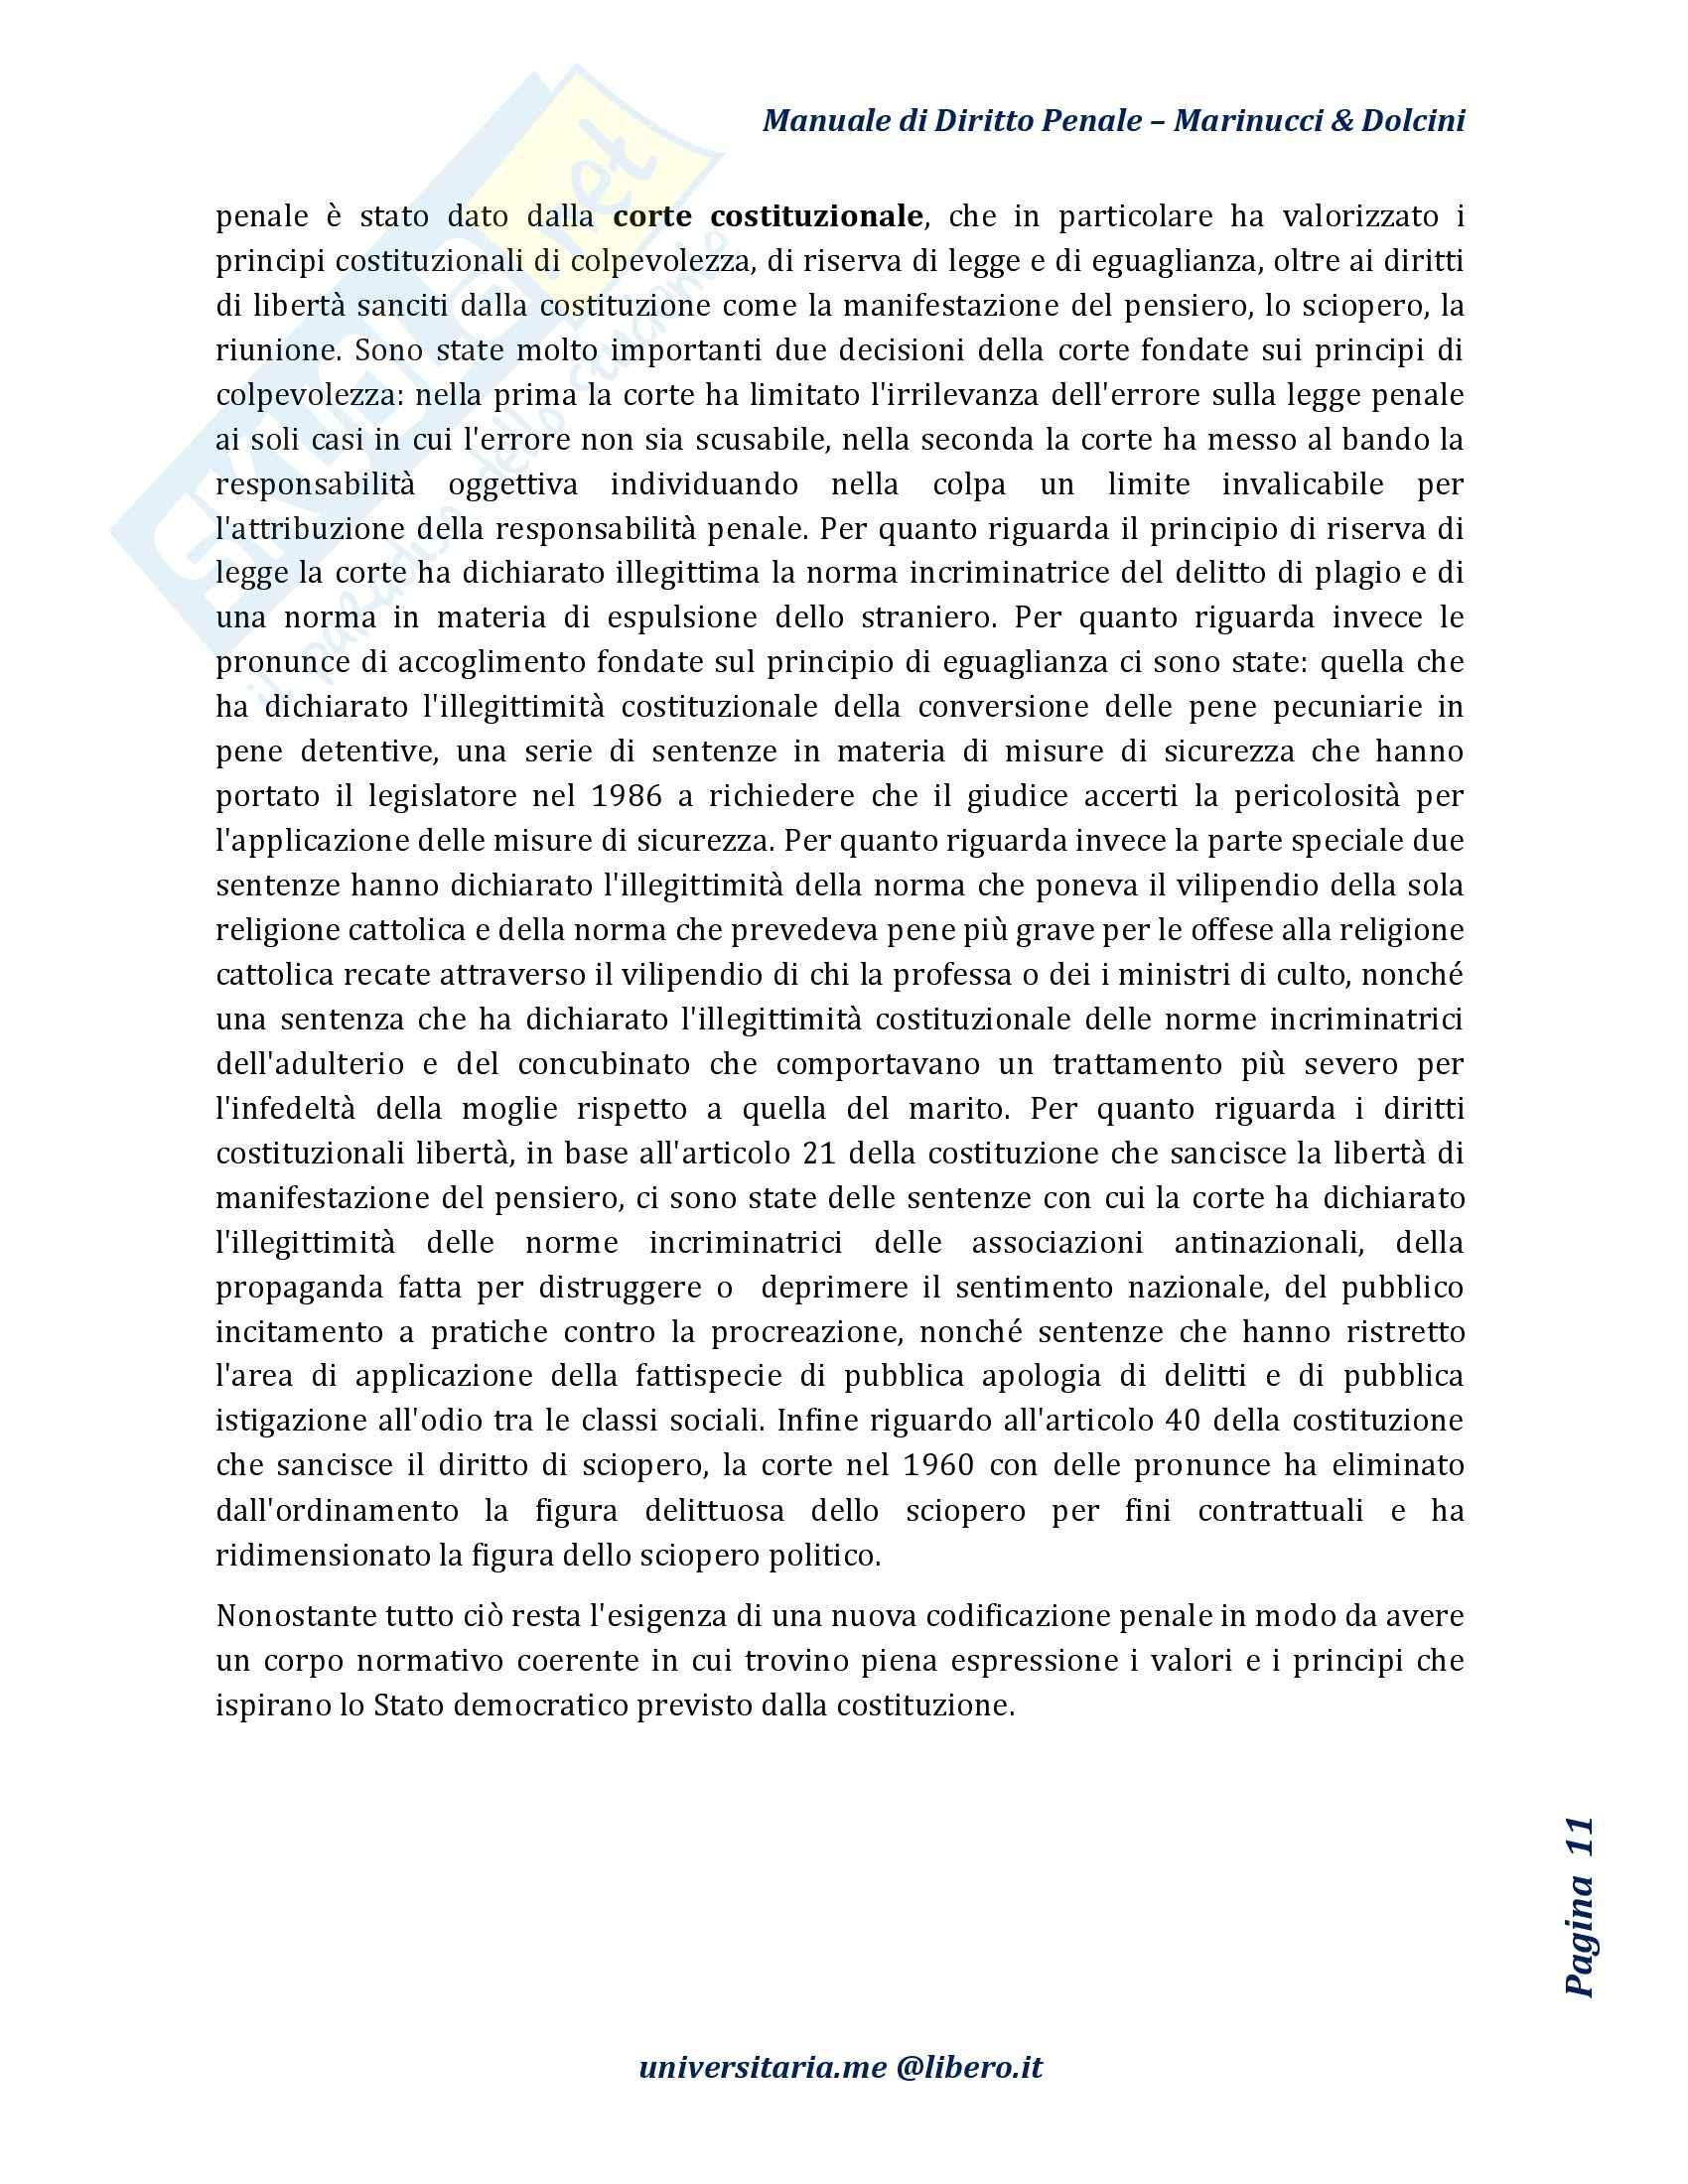 Riassunto esame Diritto Penale, prof. D'Ascola, libro consigliato Manuale di Diritto Penale, Marinucci, Dolcini Pag. 11